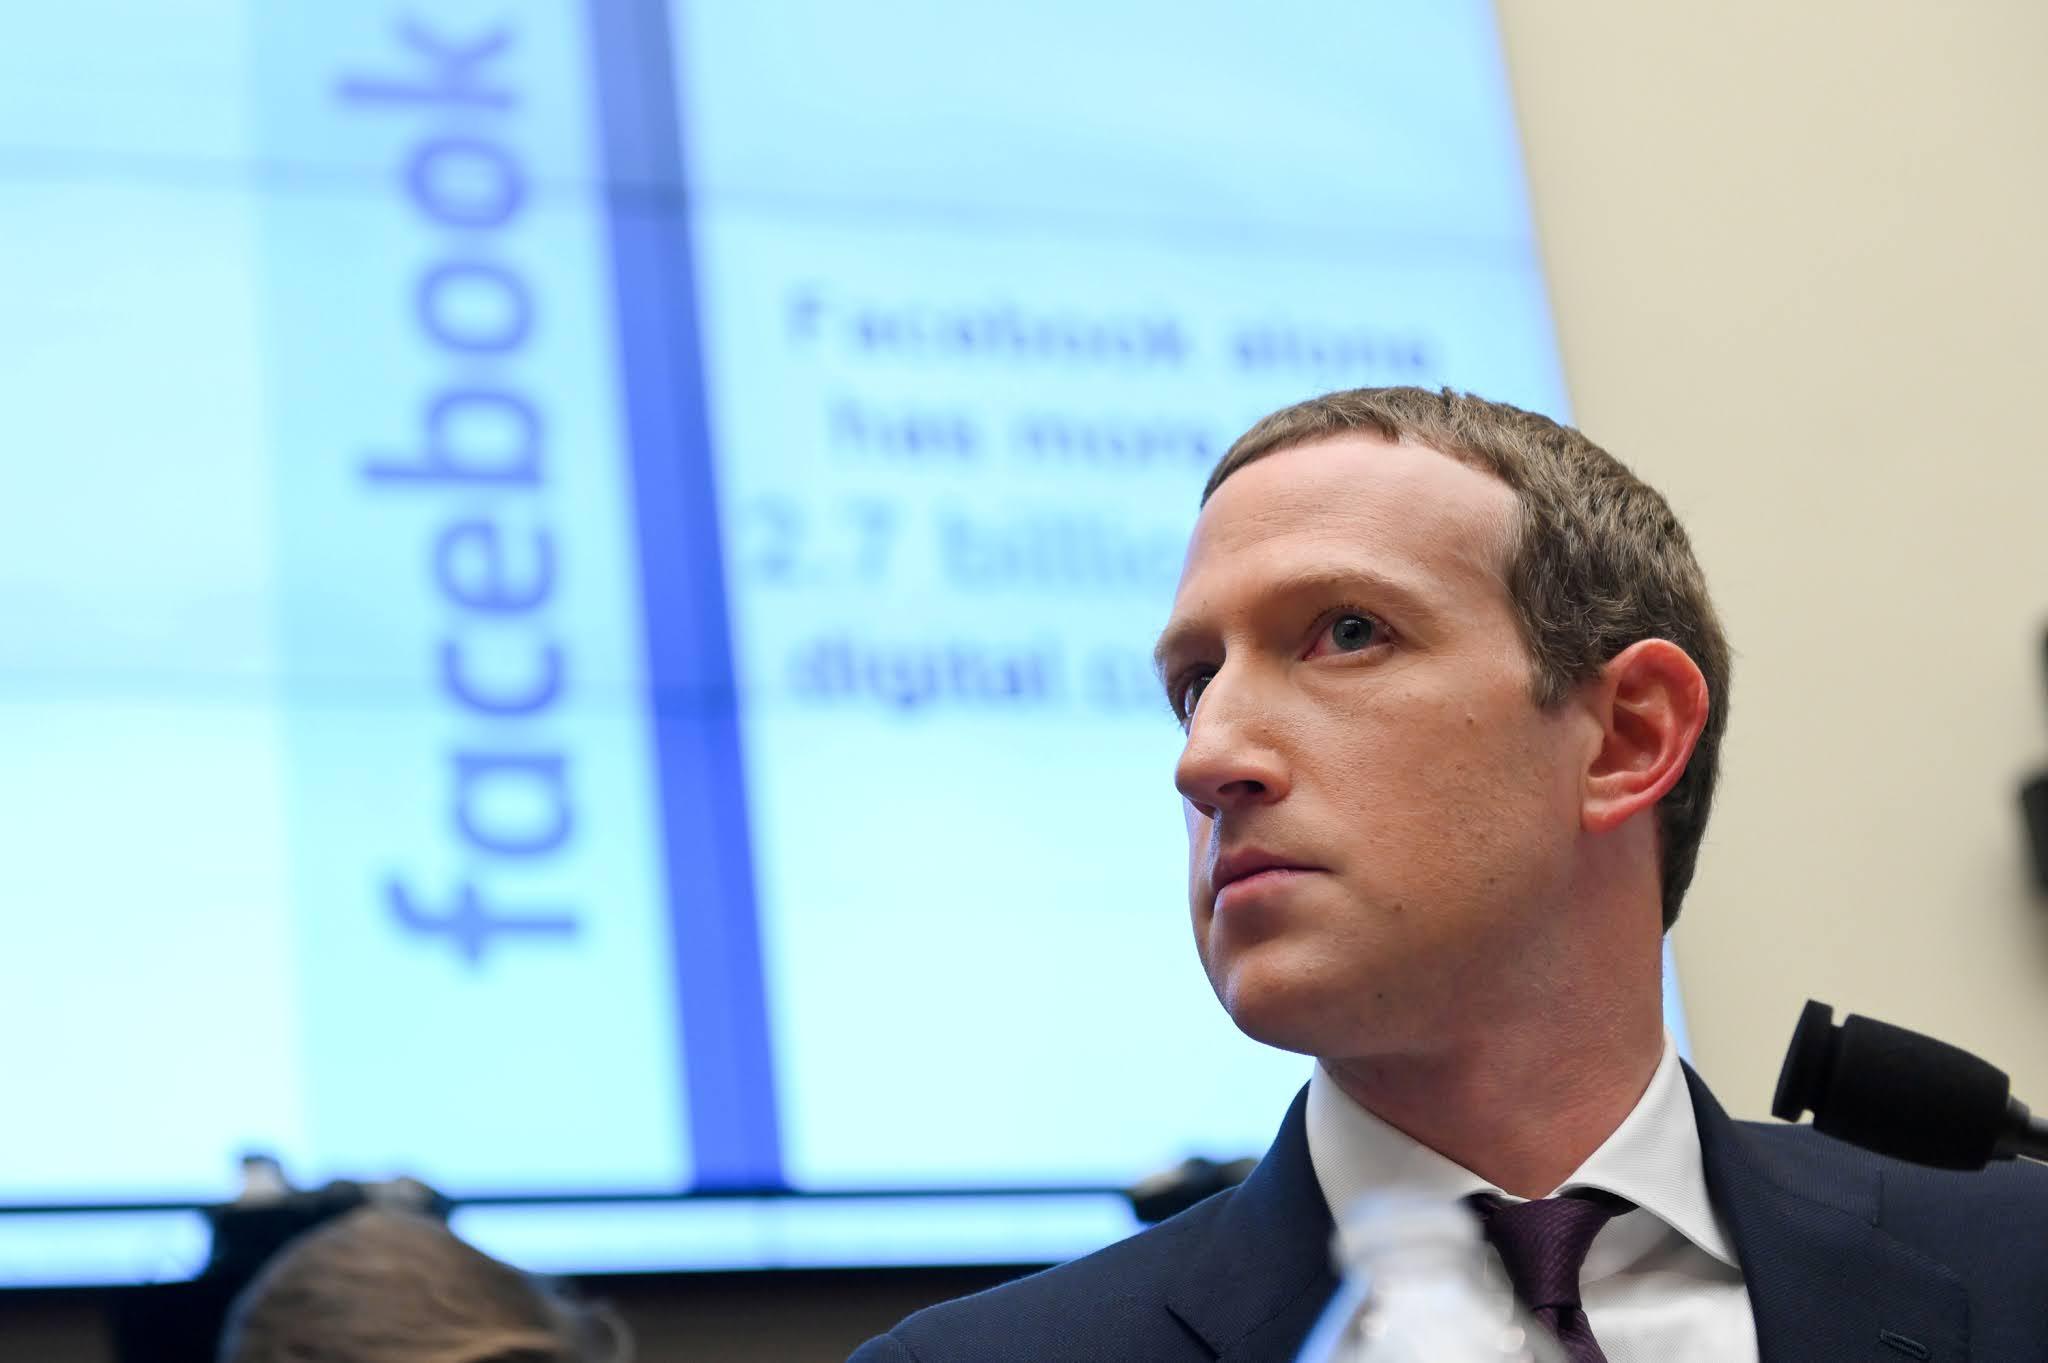 Estados Unidos demandó a Facebook por monopolio